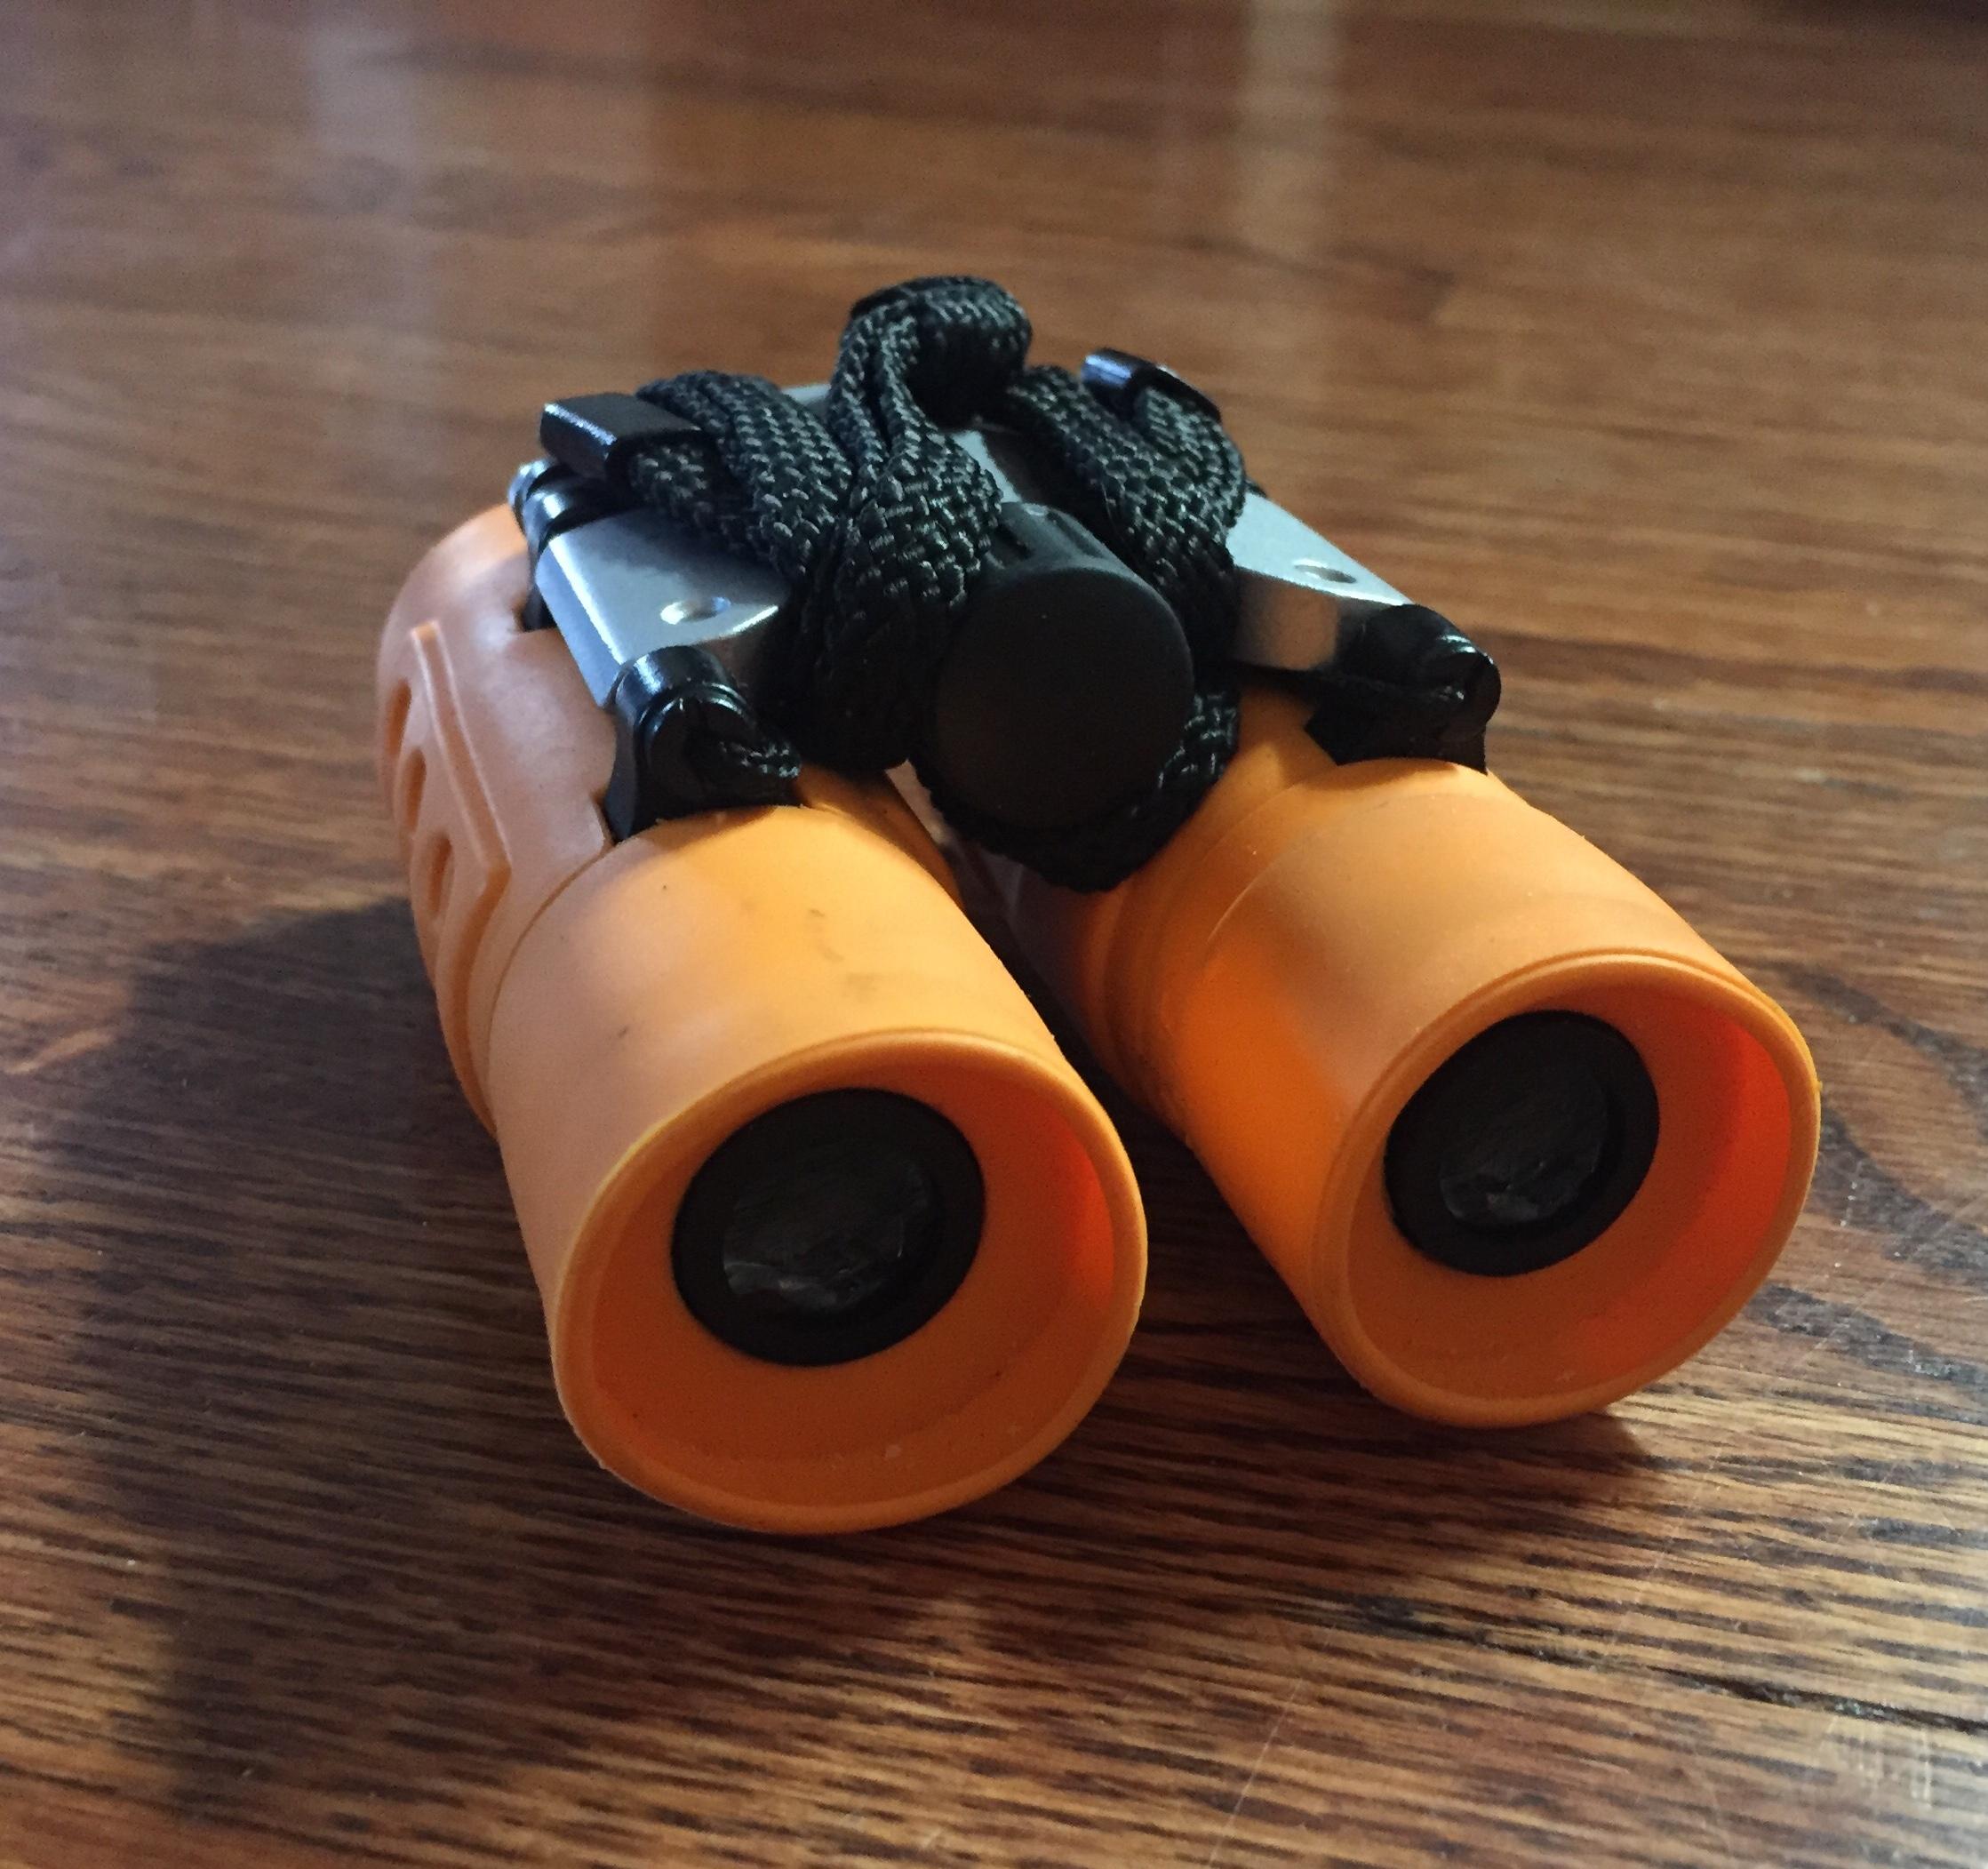 Obuby binoculars for kids in orange